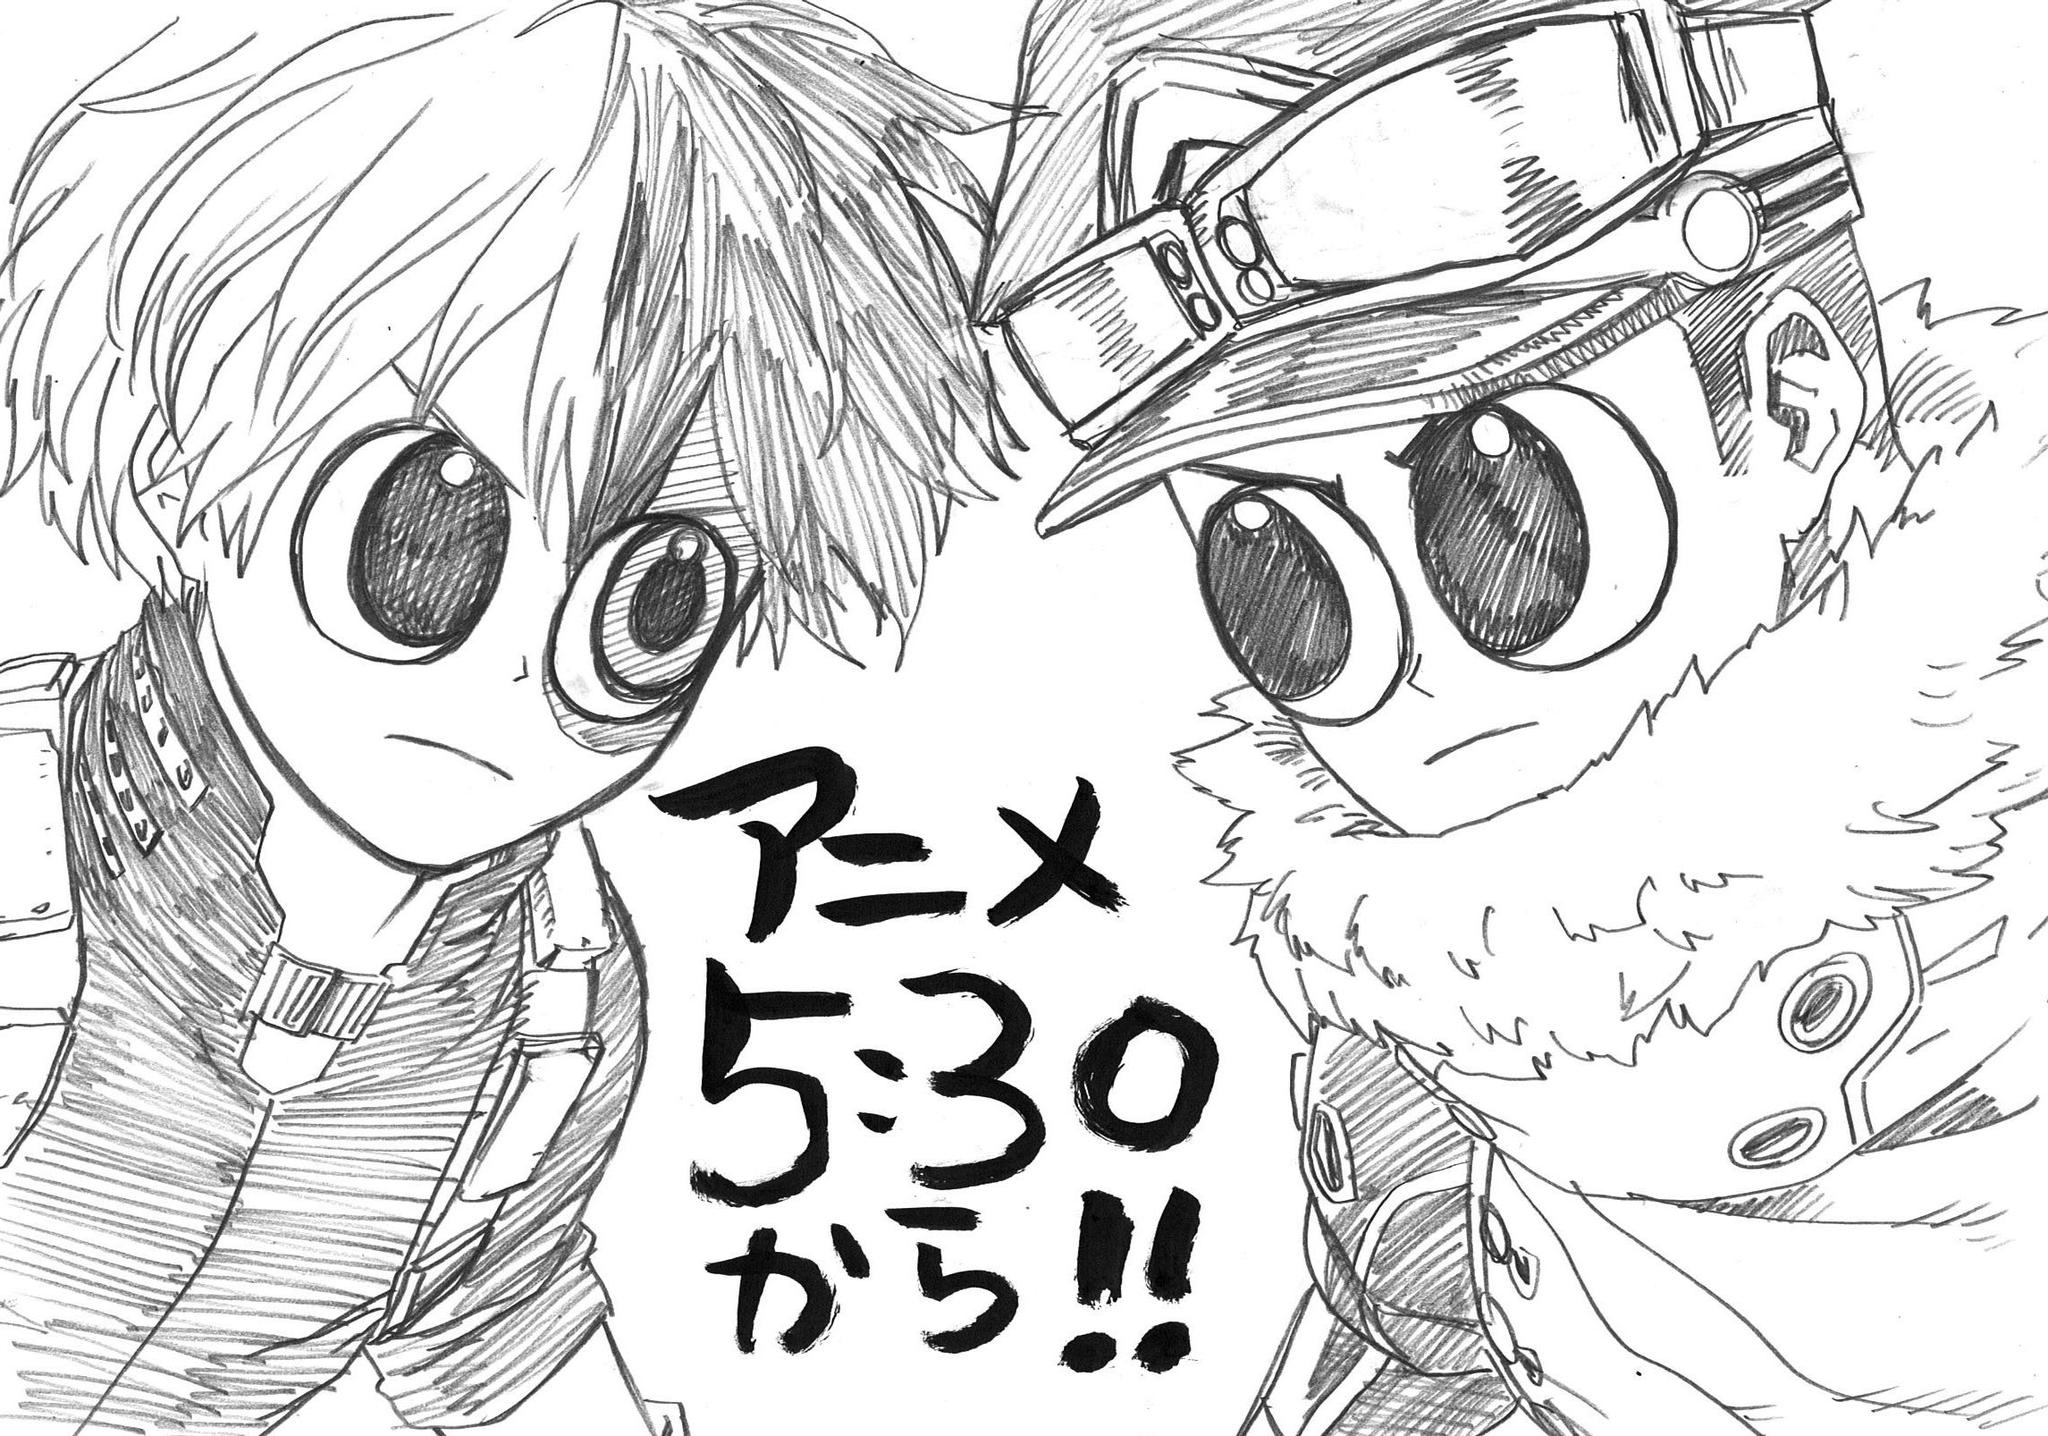 Episode 59 Sketch